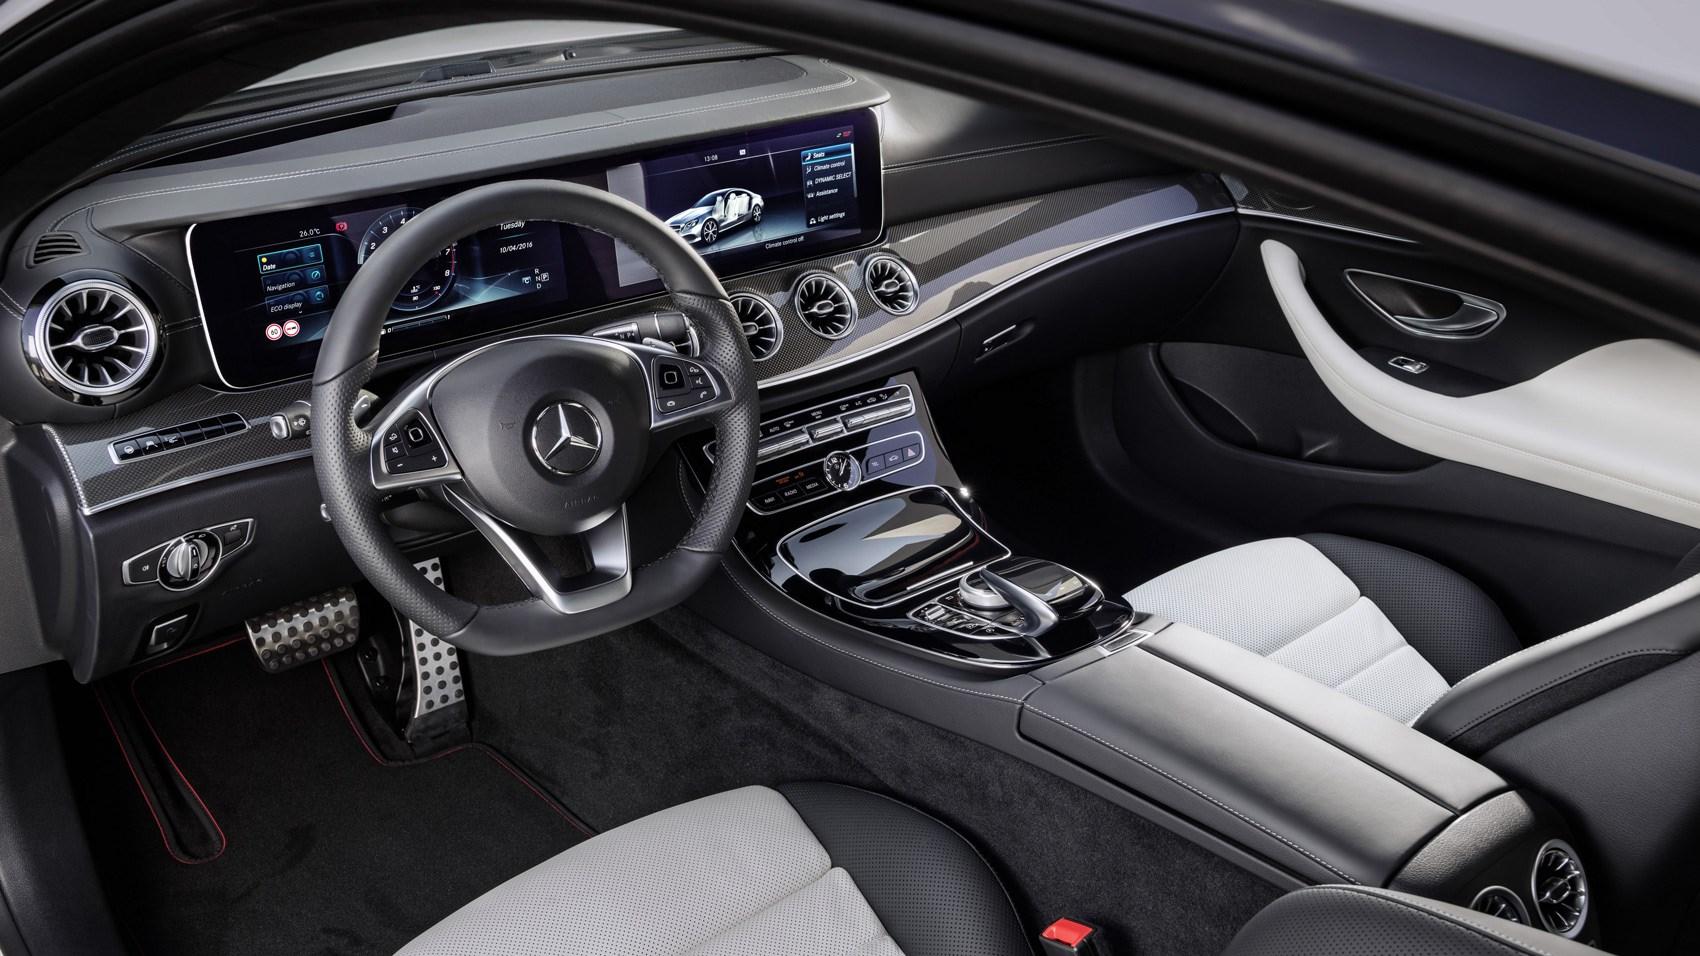 Mercedes E220d Coupe interior